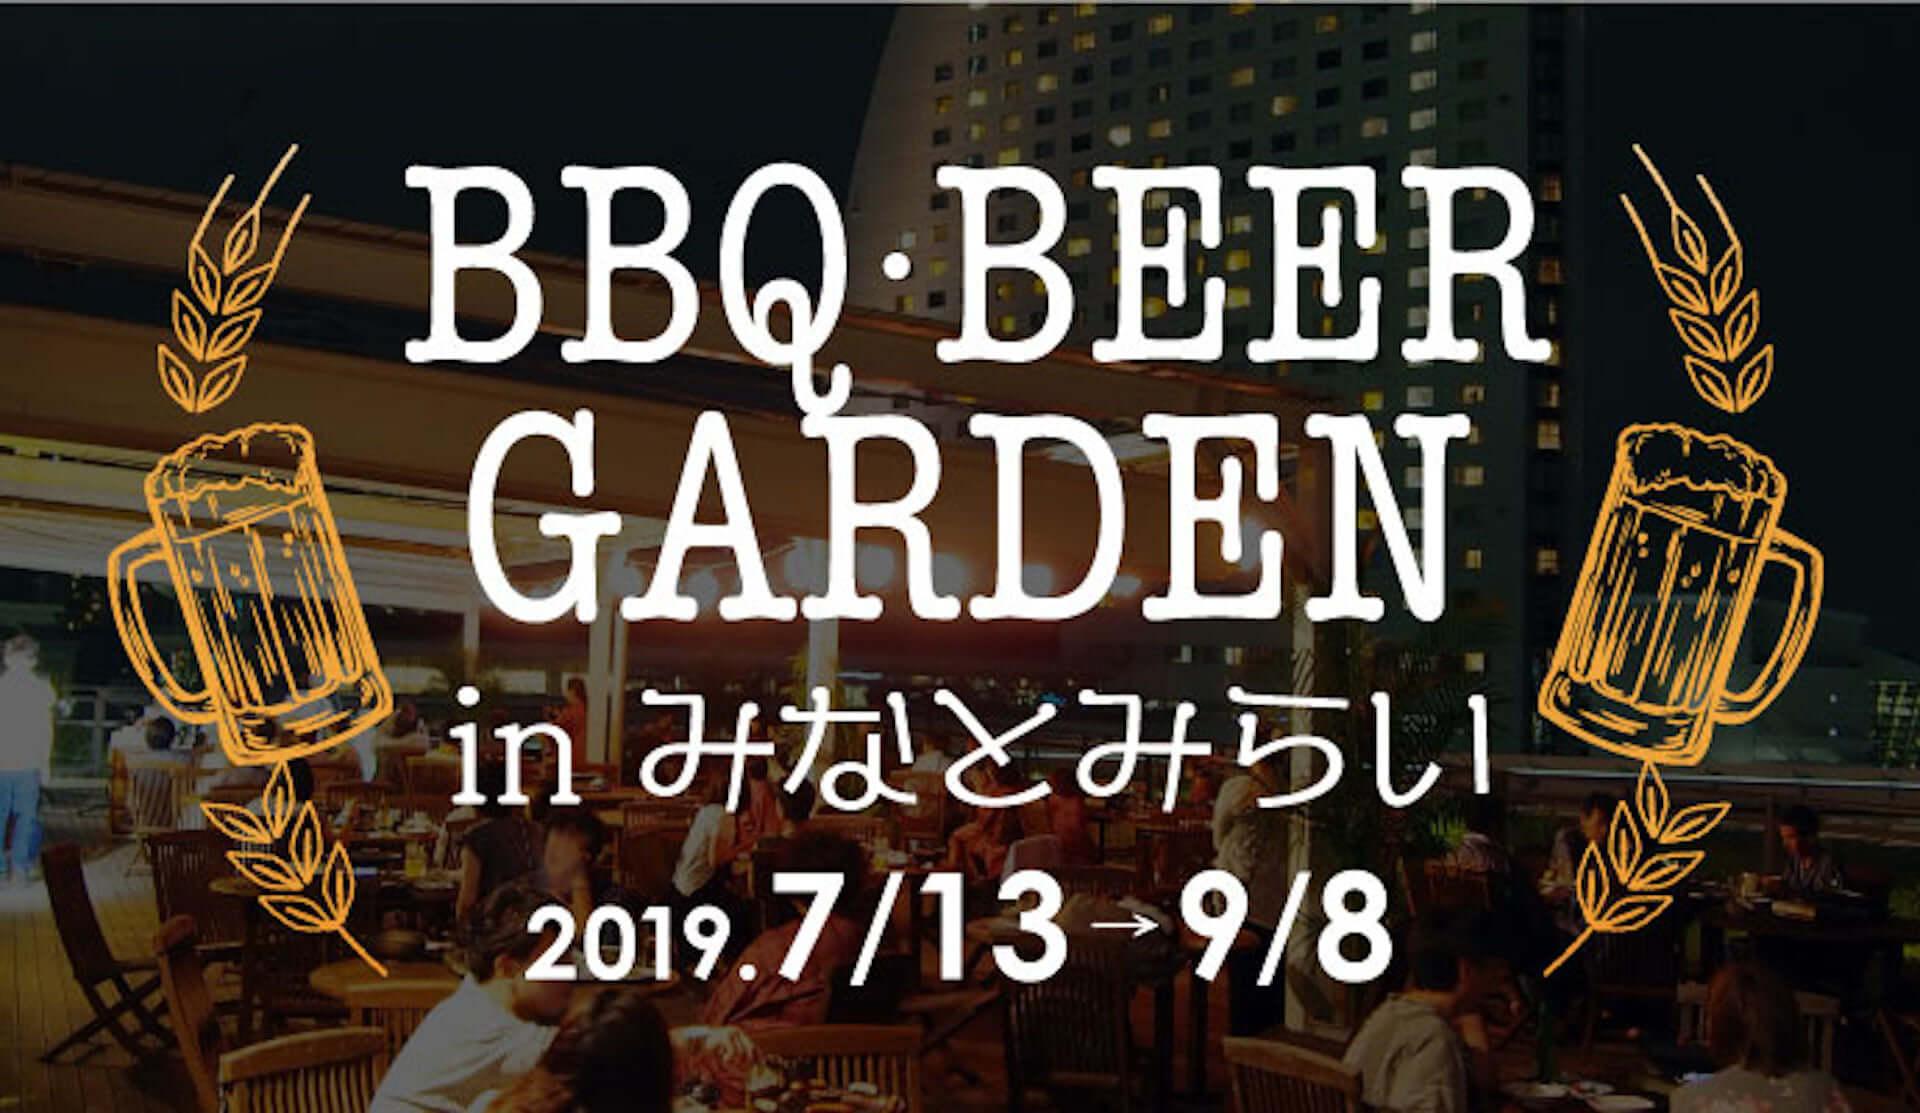 ビアガーデンと温泉を一緒に楽しもう!横浜港を臨むBBQビアガーデンが現在開催中! lifefashion190725beergarden_8-1920x1113